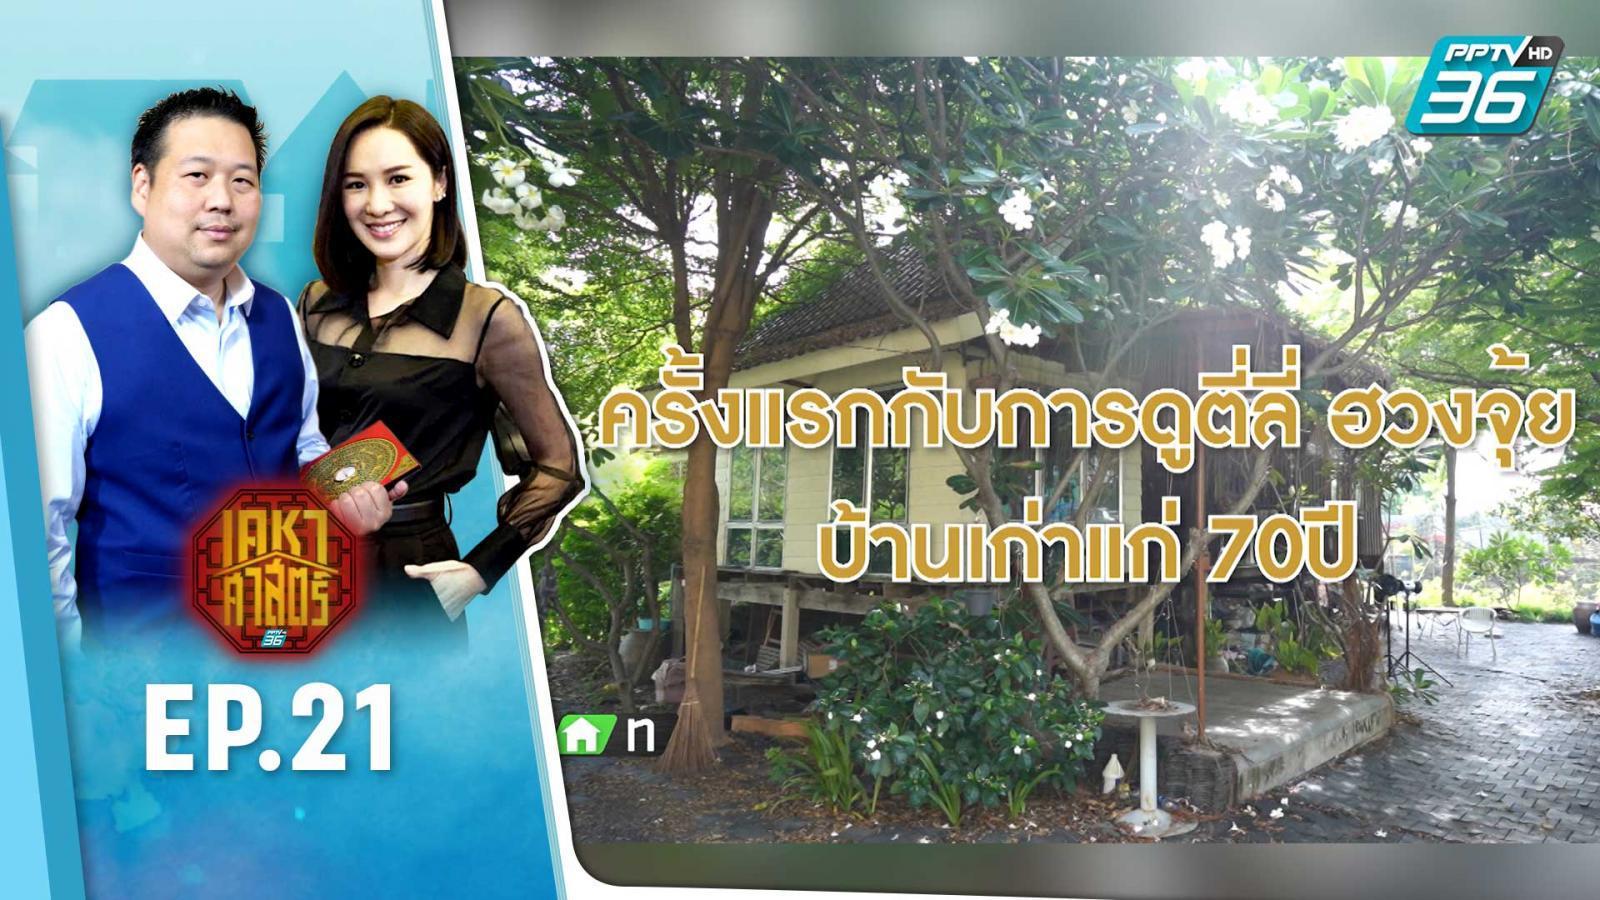 เคหาศาสตร์ | ตี่ลี่ ฮวงจุ้ย | ตอน บ้านไม้เก่า EP.21 | PPTV HD 36